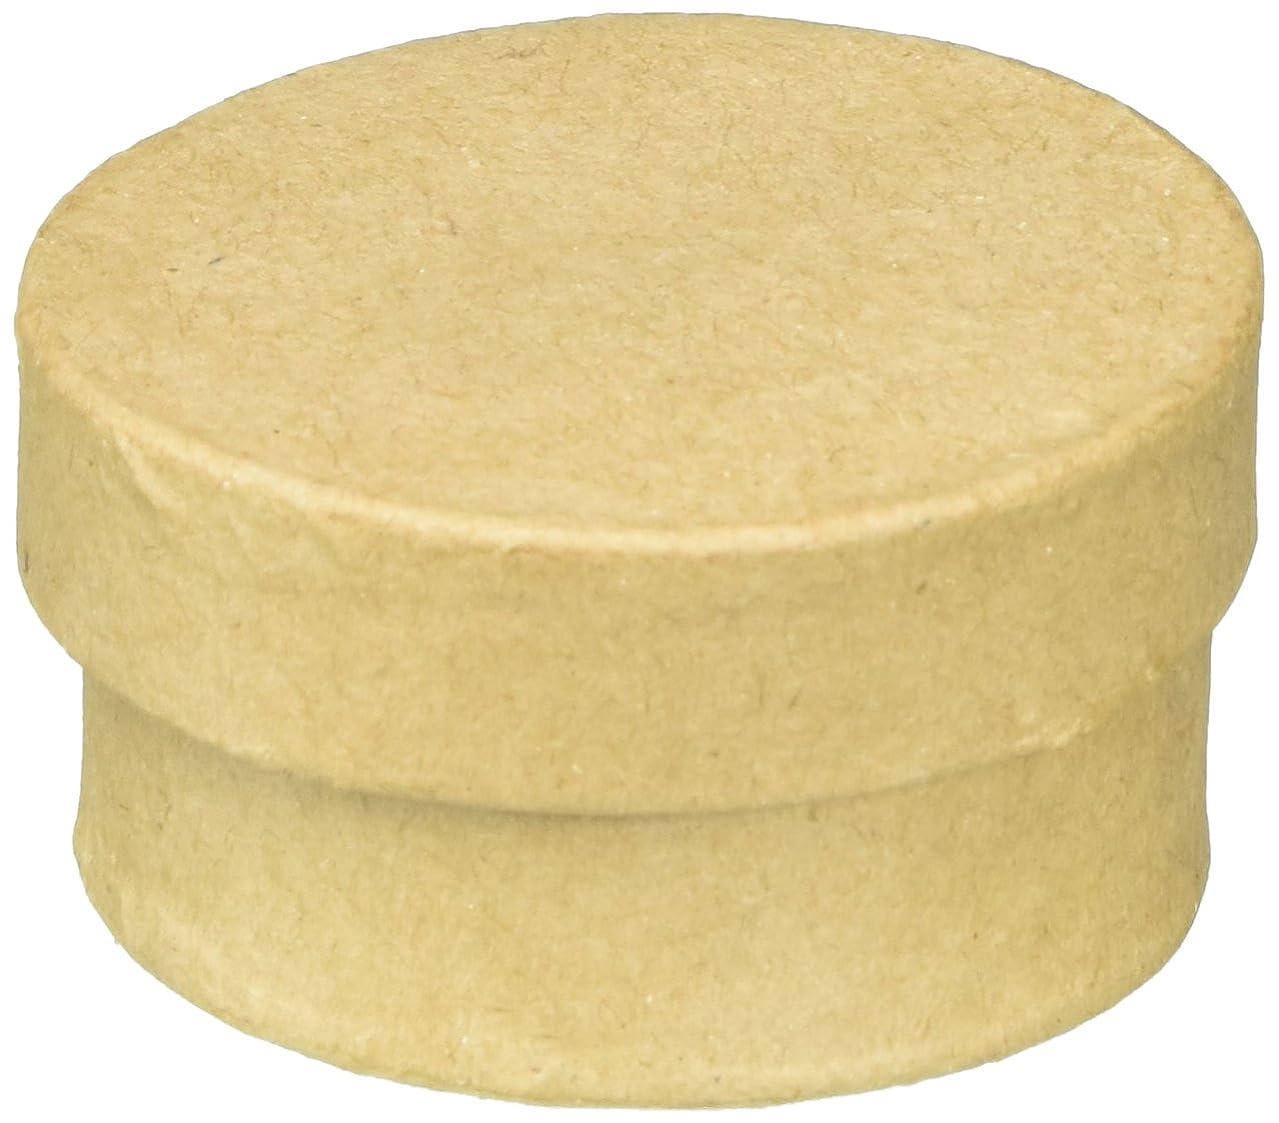 Craft Ped Paper CPL1010963 Mache Box Bitty Round Kraft, 6 Piece